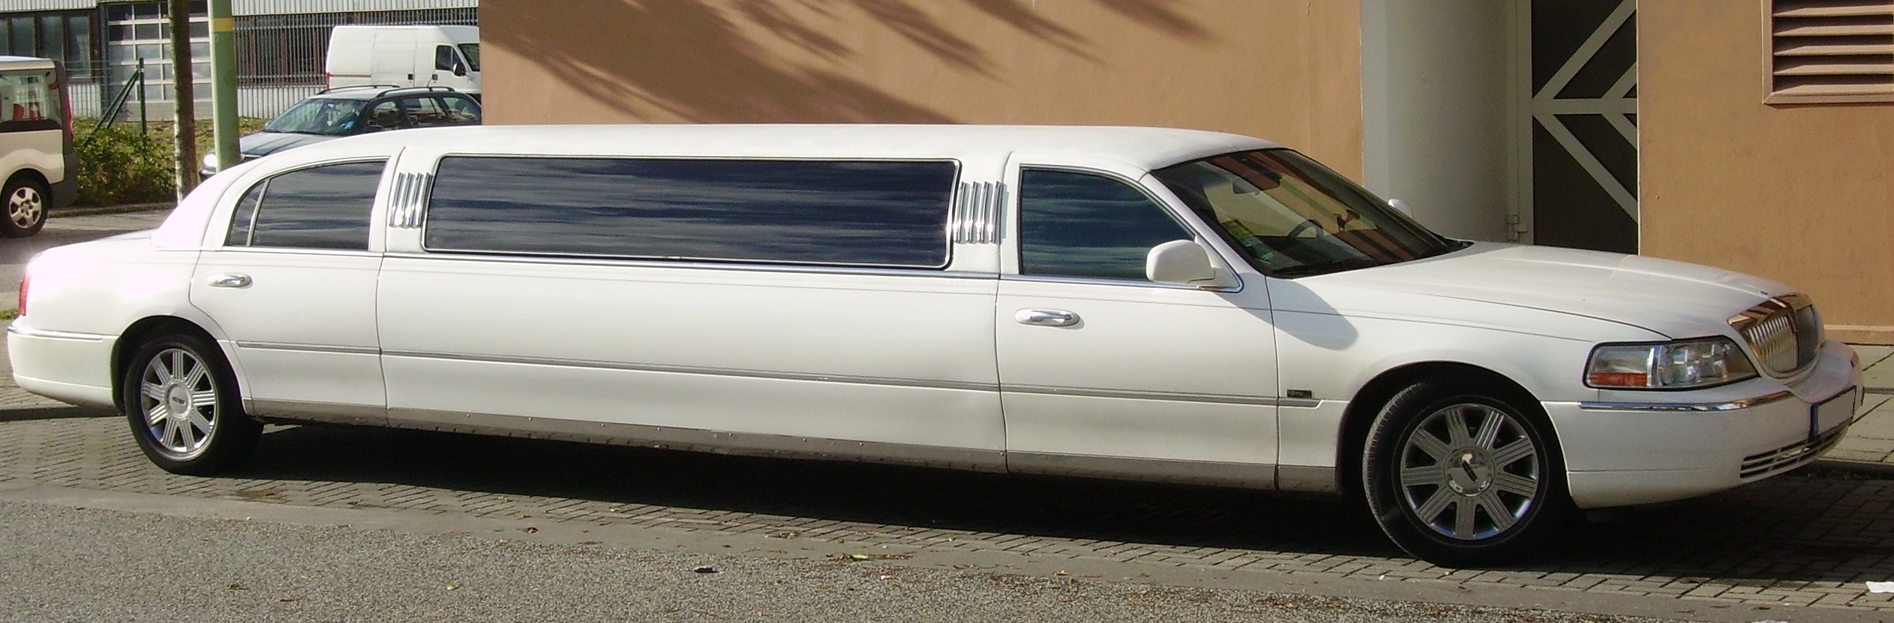 Stretch Car In Vice City